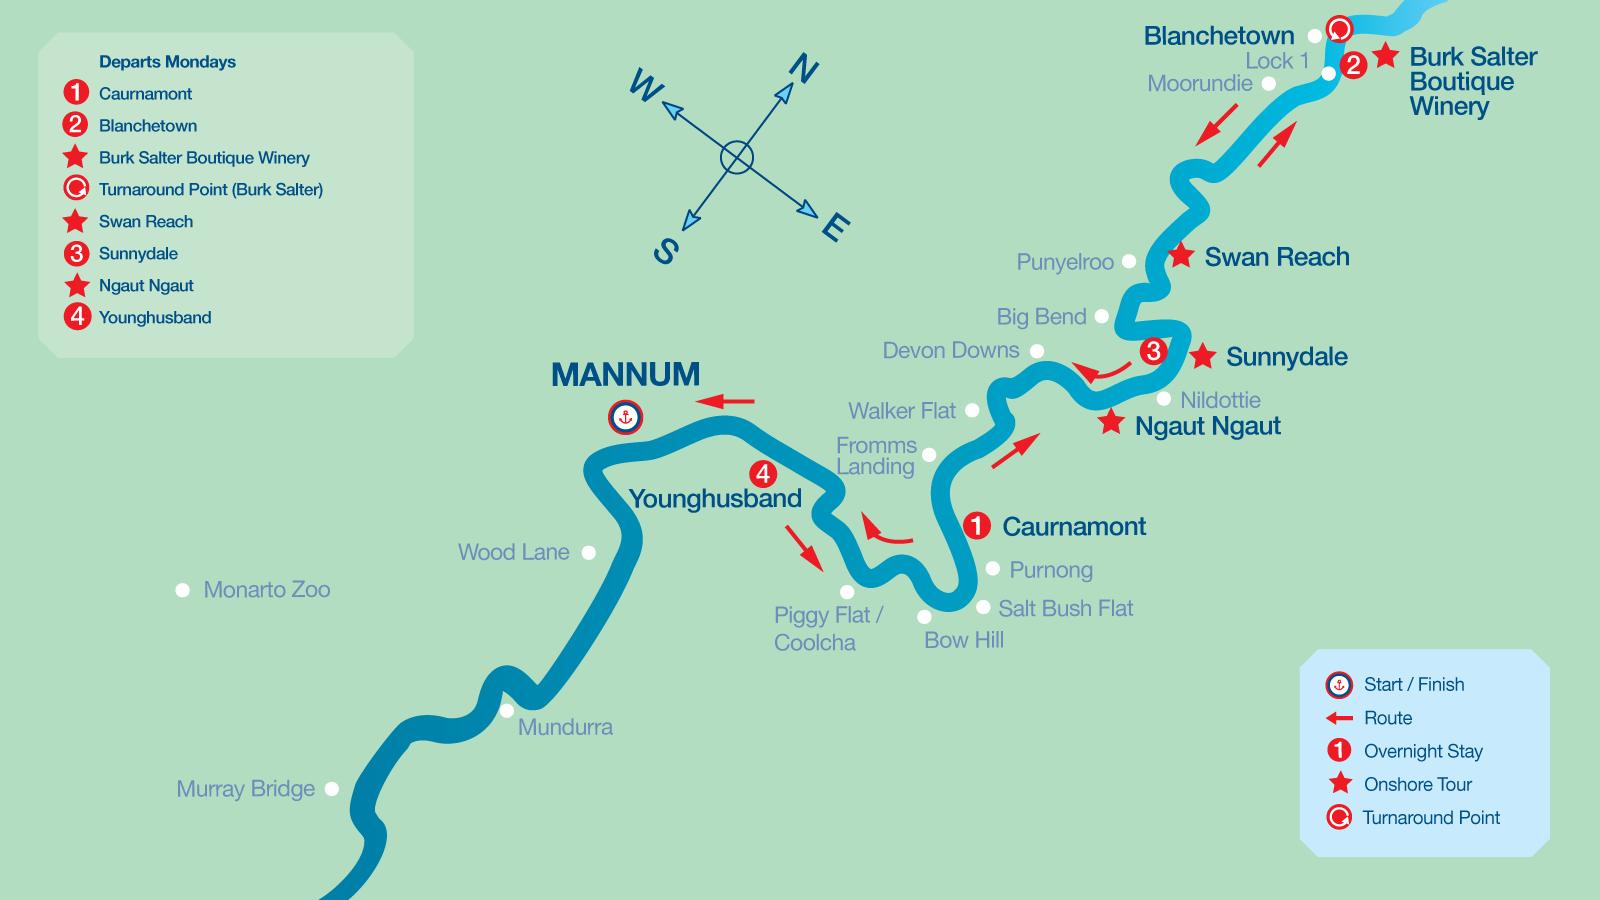 Map of 4 Night Cruise Itinerary